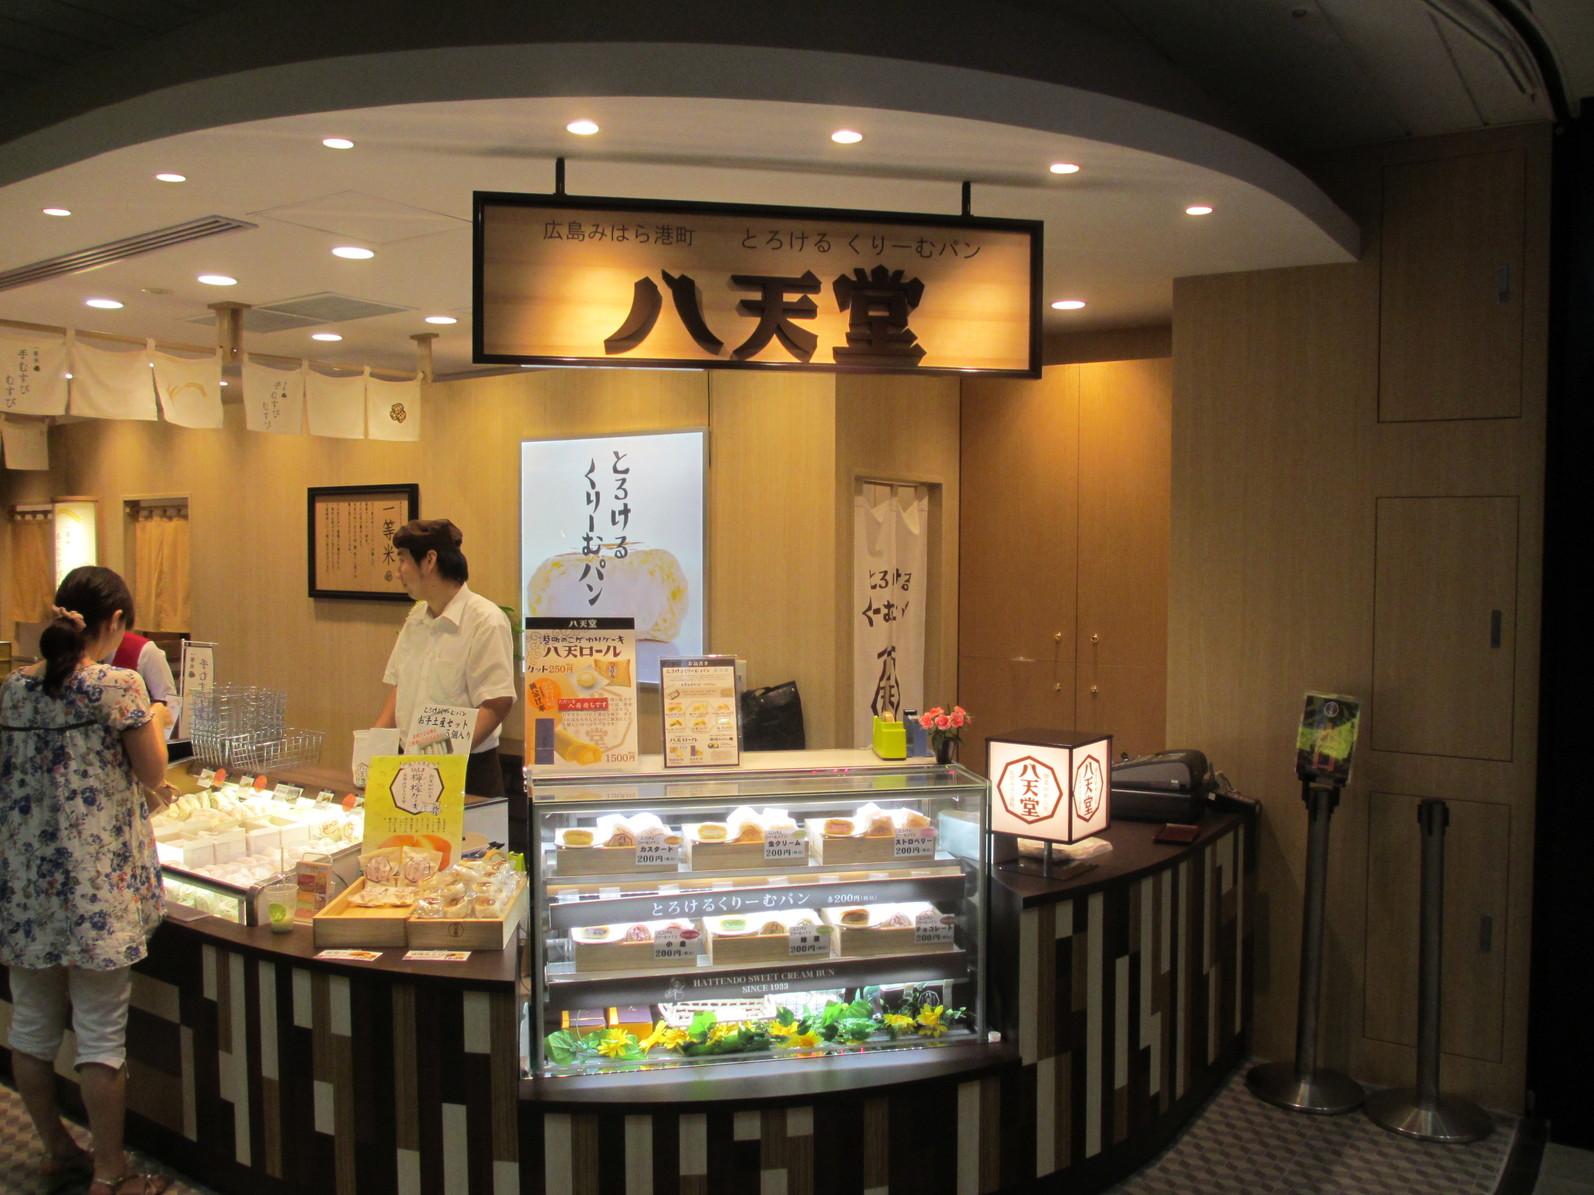 八天堂 東京メトロ永田町駅店